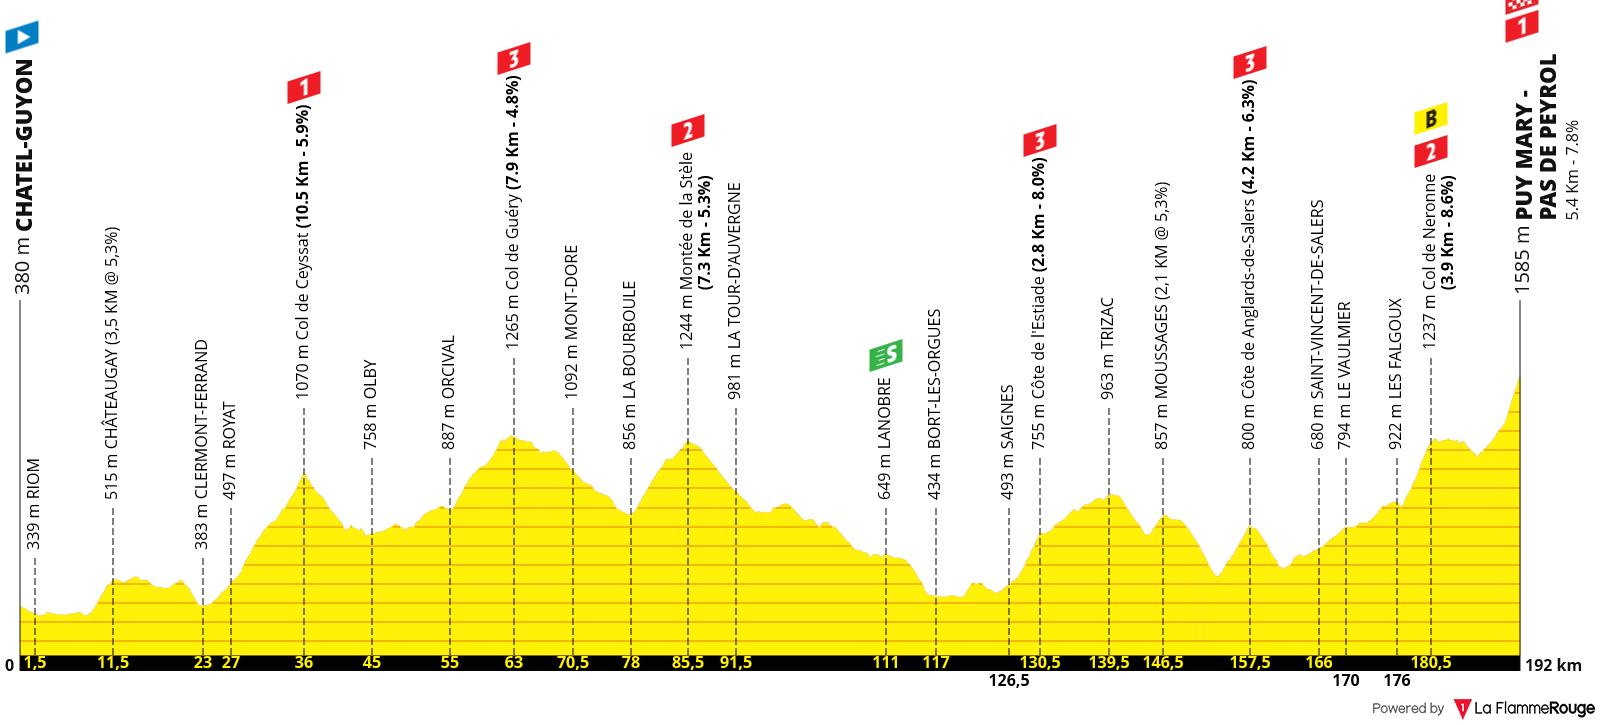 Perfil Etapa 13 - Tour de Francia 2020 - Châtel-Guyon Puy Mary Cantal 191km